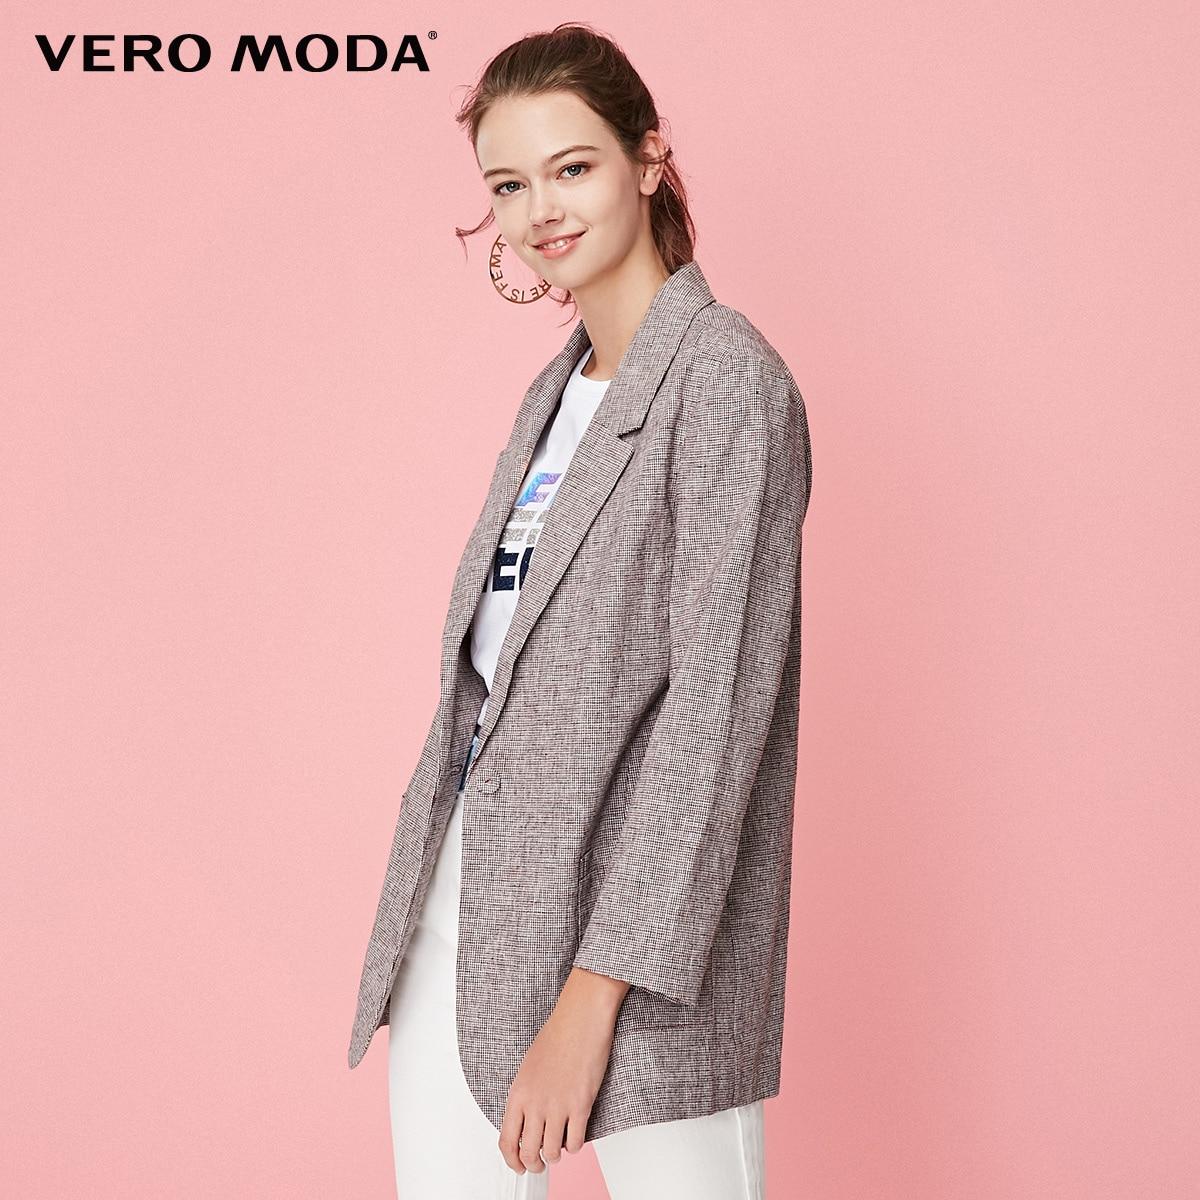 Vero Moda Women's Cotton Plaid Lapel One-button Wrist Sleeves Blazer   319108512